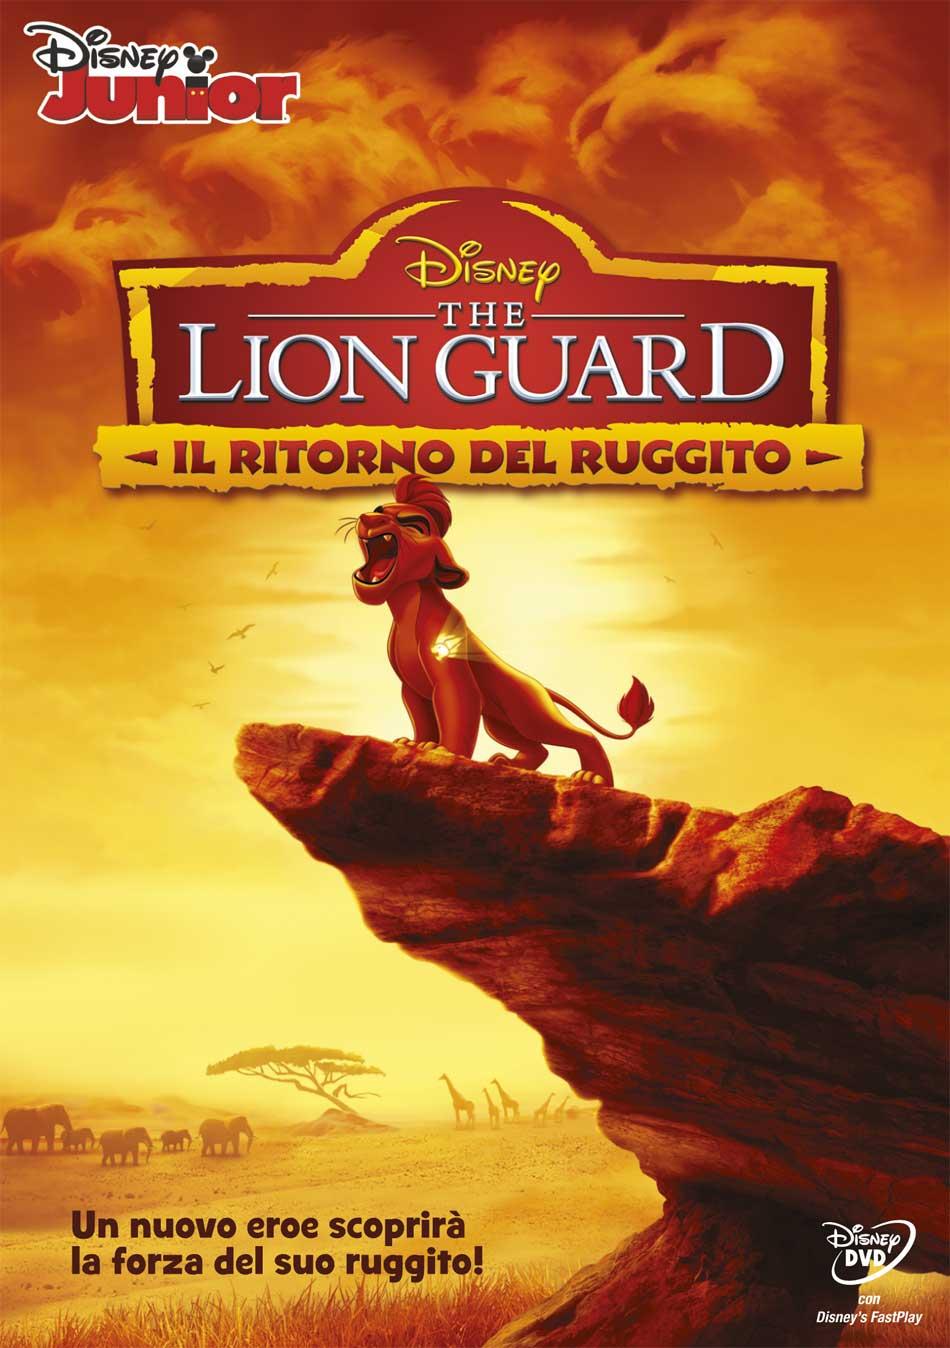 THE LION GUARD - IL RITORNO DEL RUGGITO (DVD)